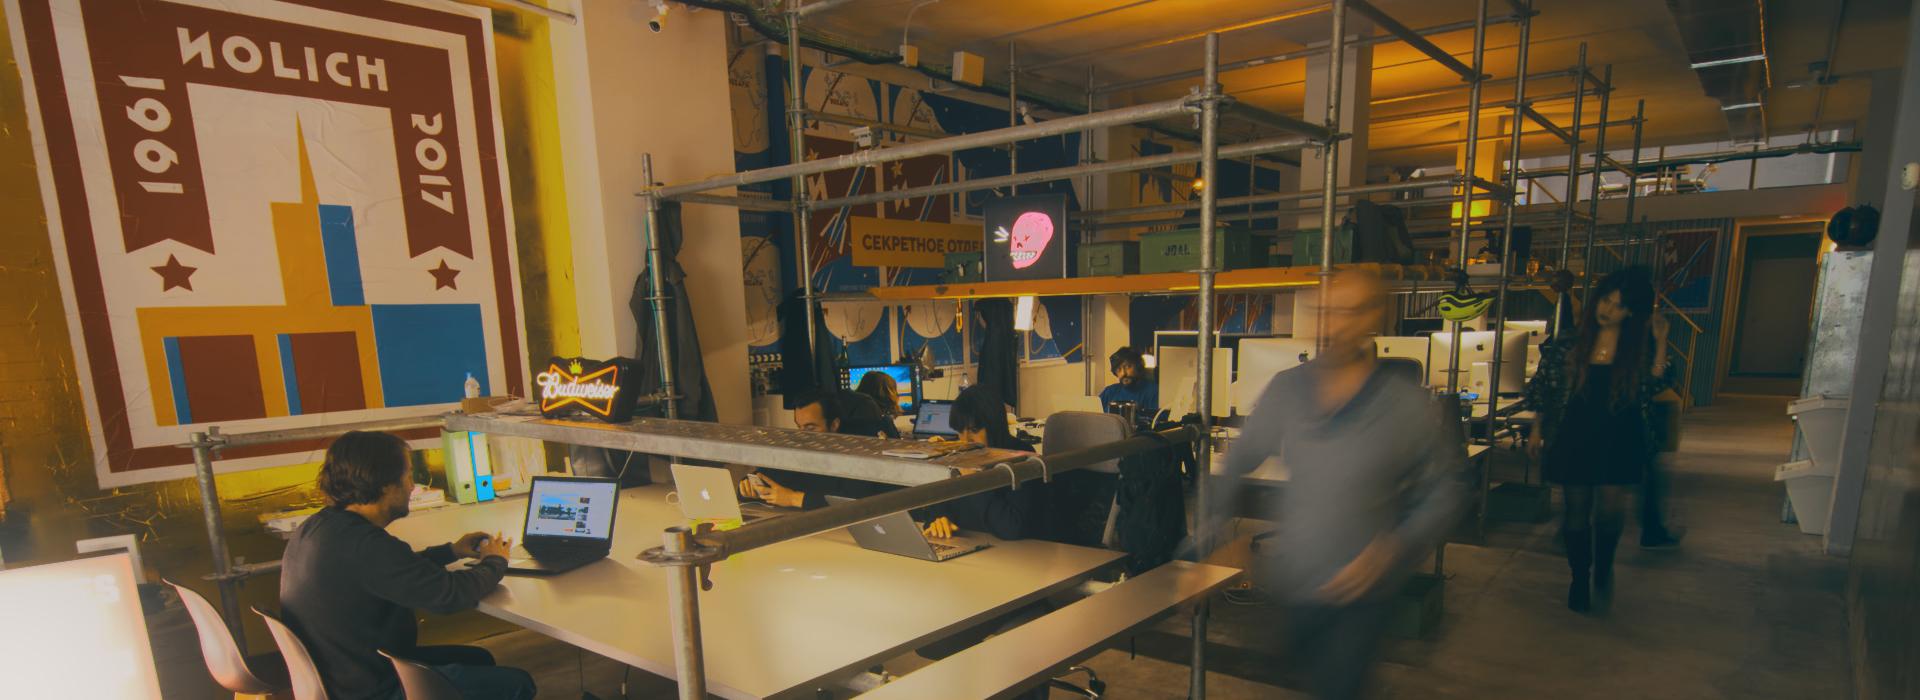 Coworking audiovisual en Ruzafa, Valencia NOLICH